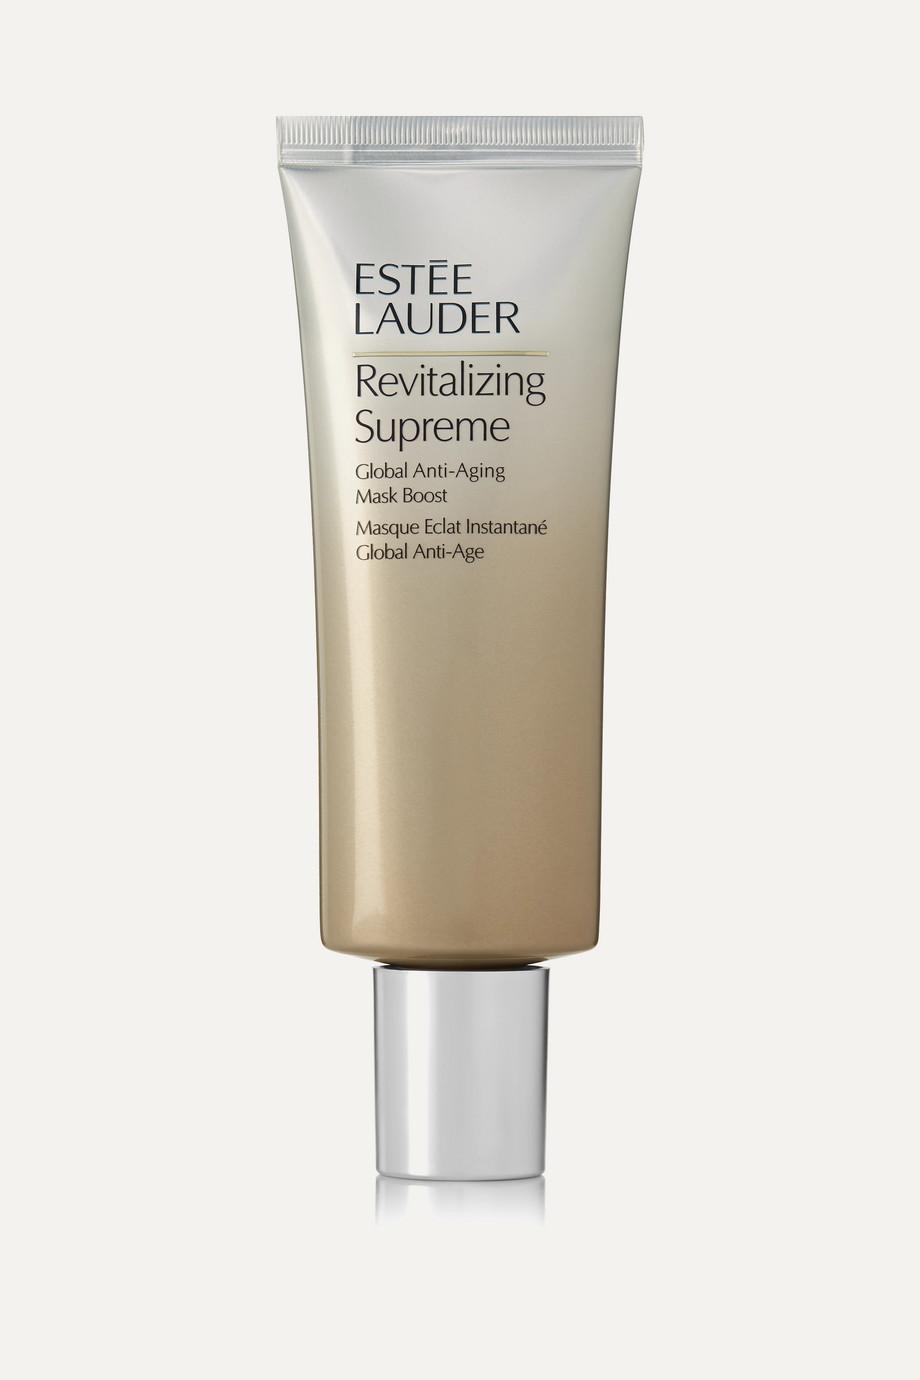 Estée Lauder Revitalizing Supreme Global Anti-Aging Mask Boost, 75 ml – Gesichtsmaske